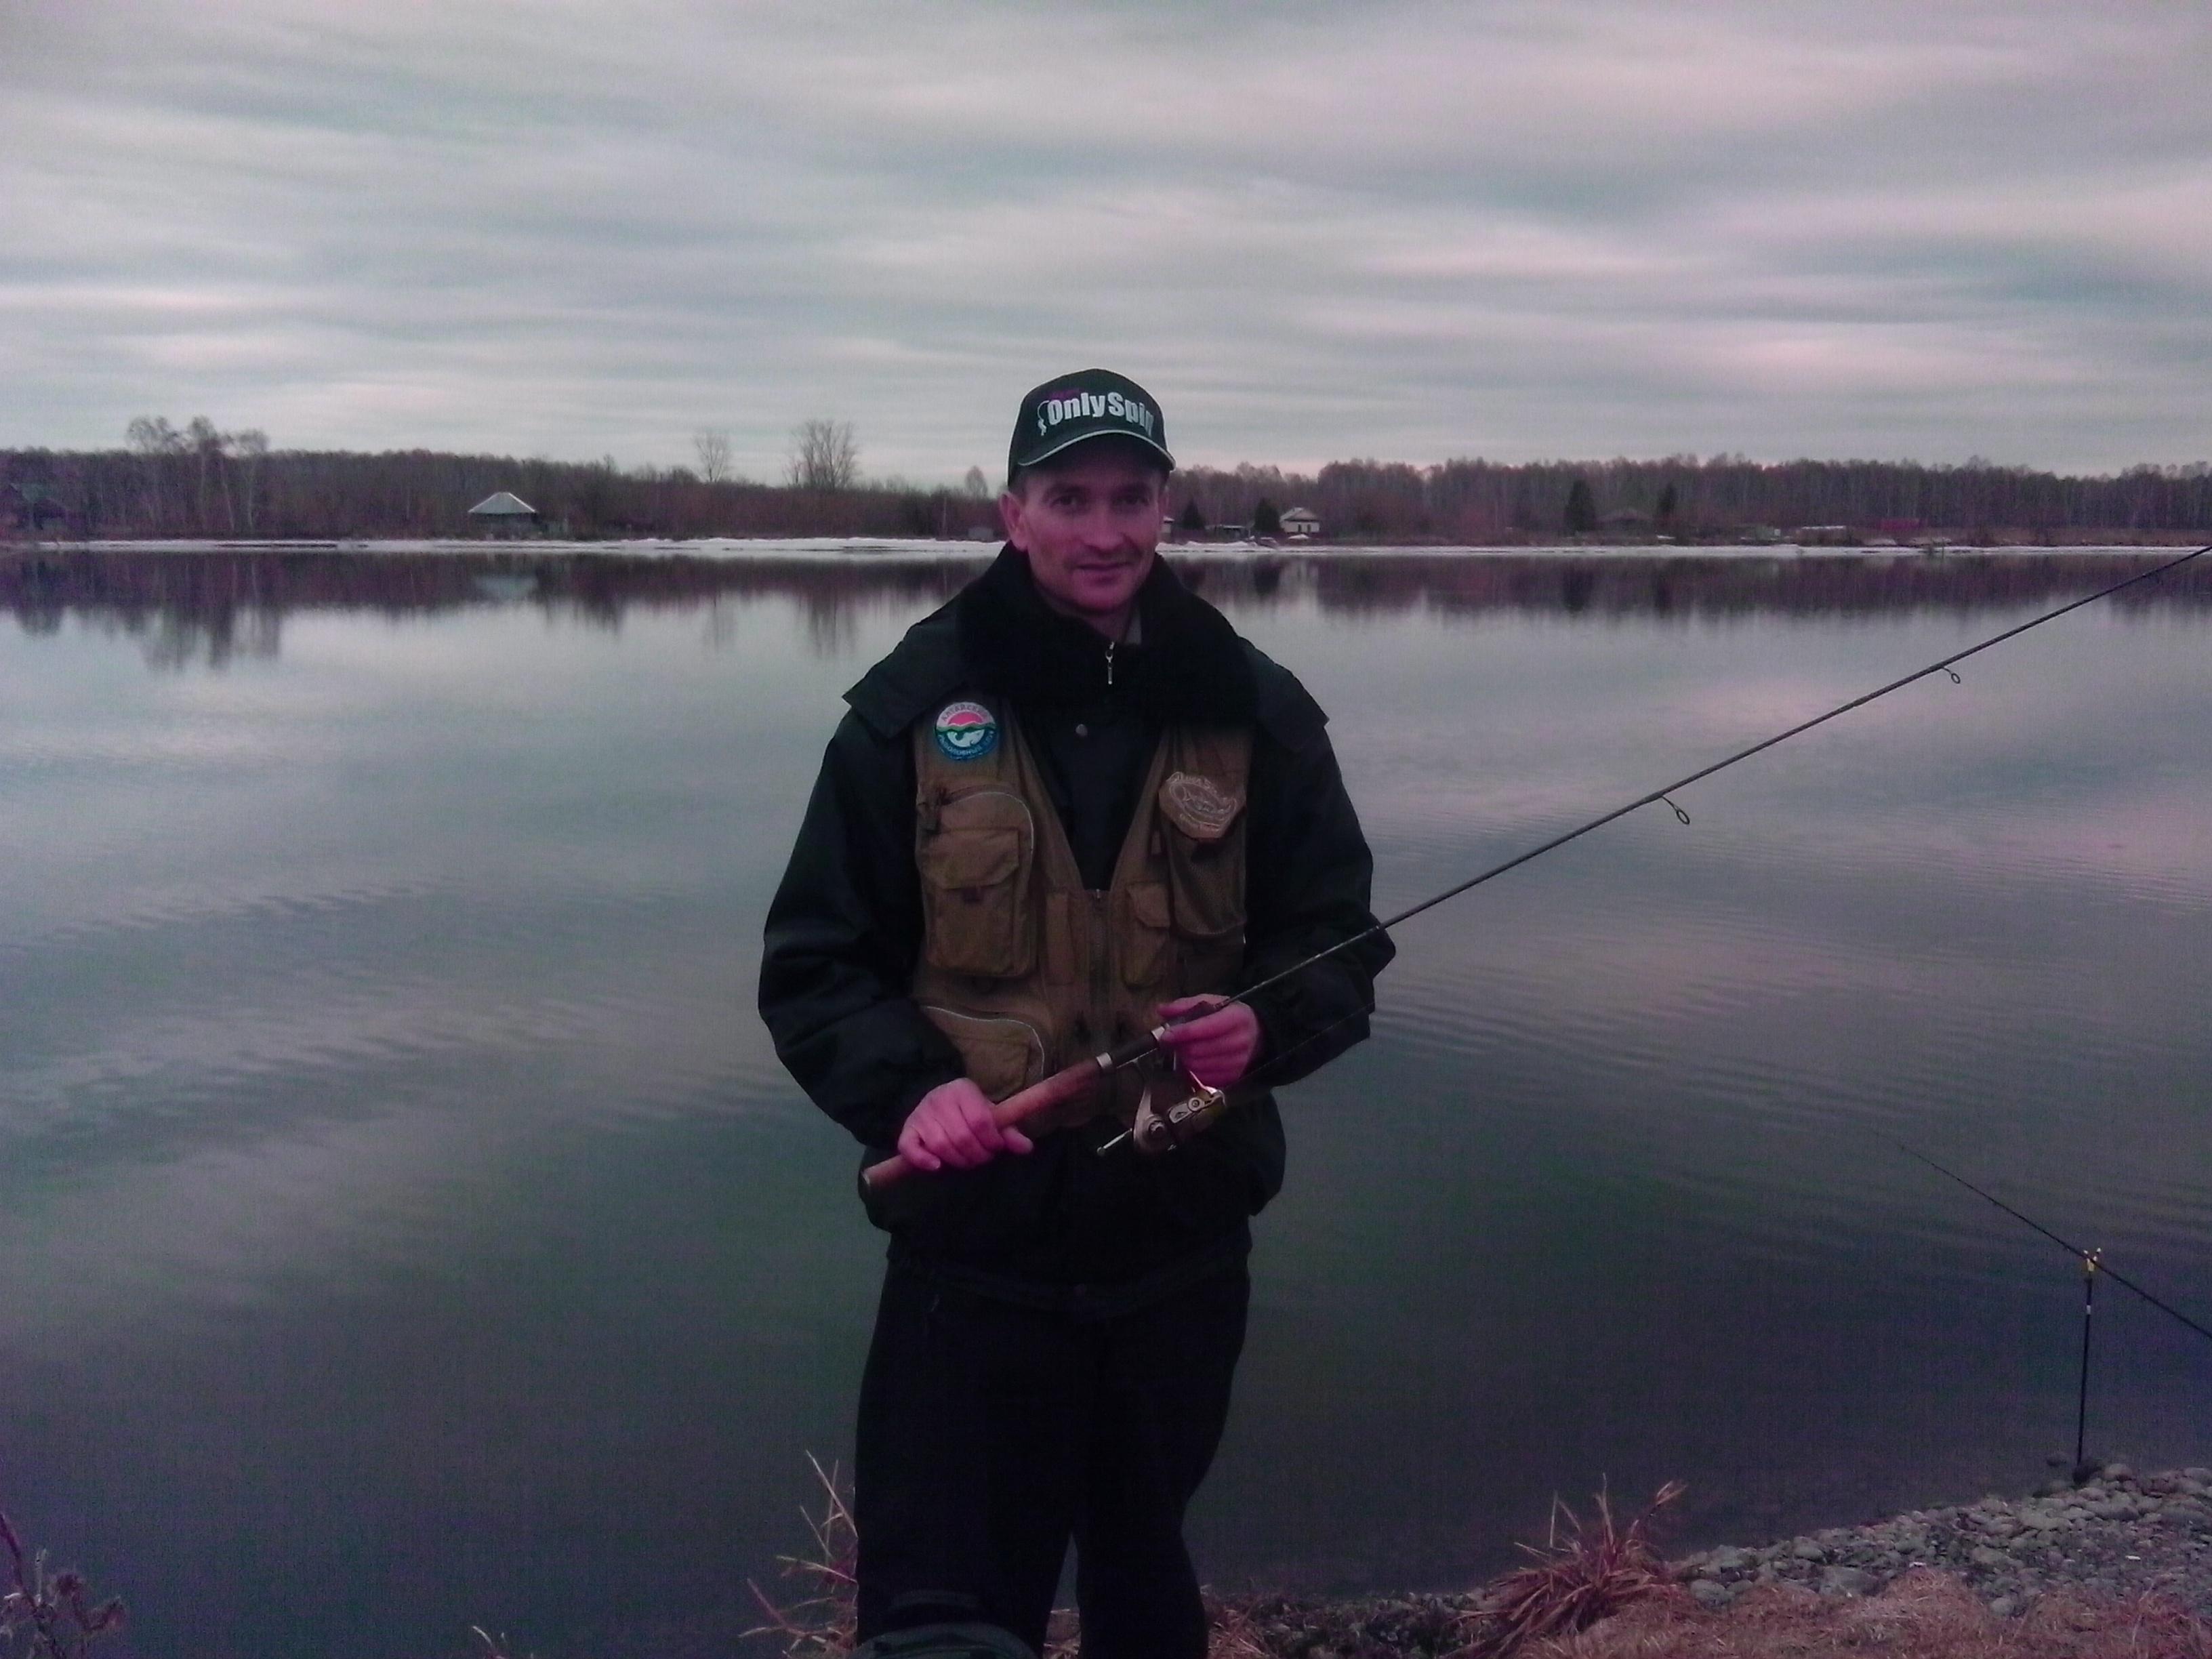 алтайский край рыбалка в мае